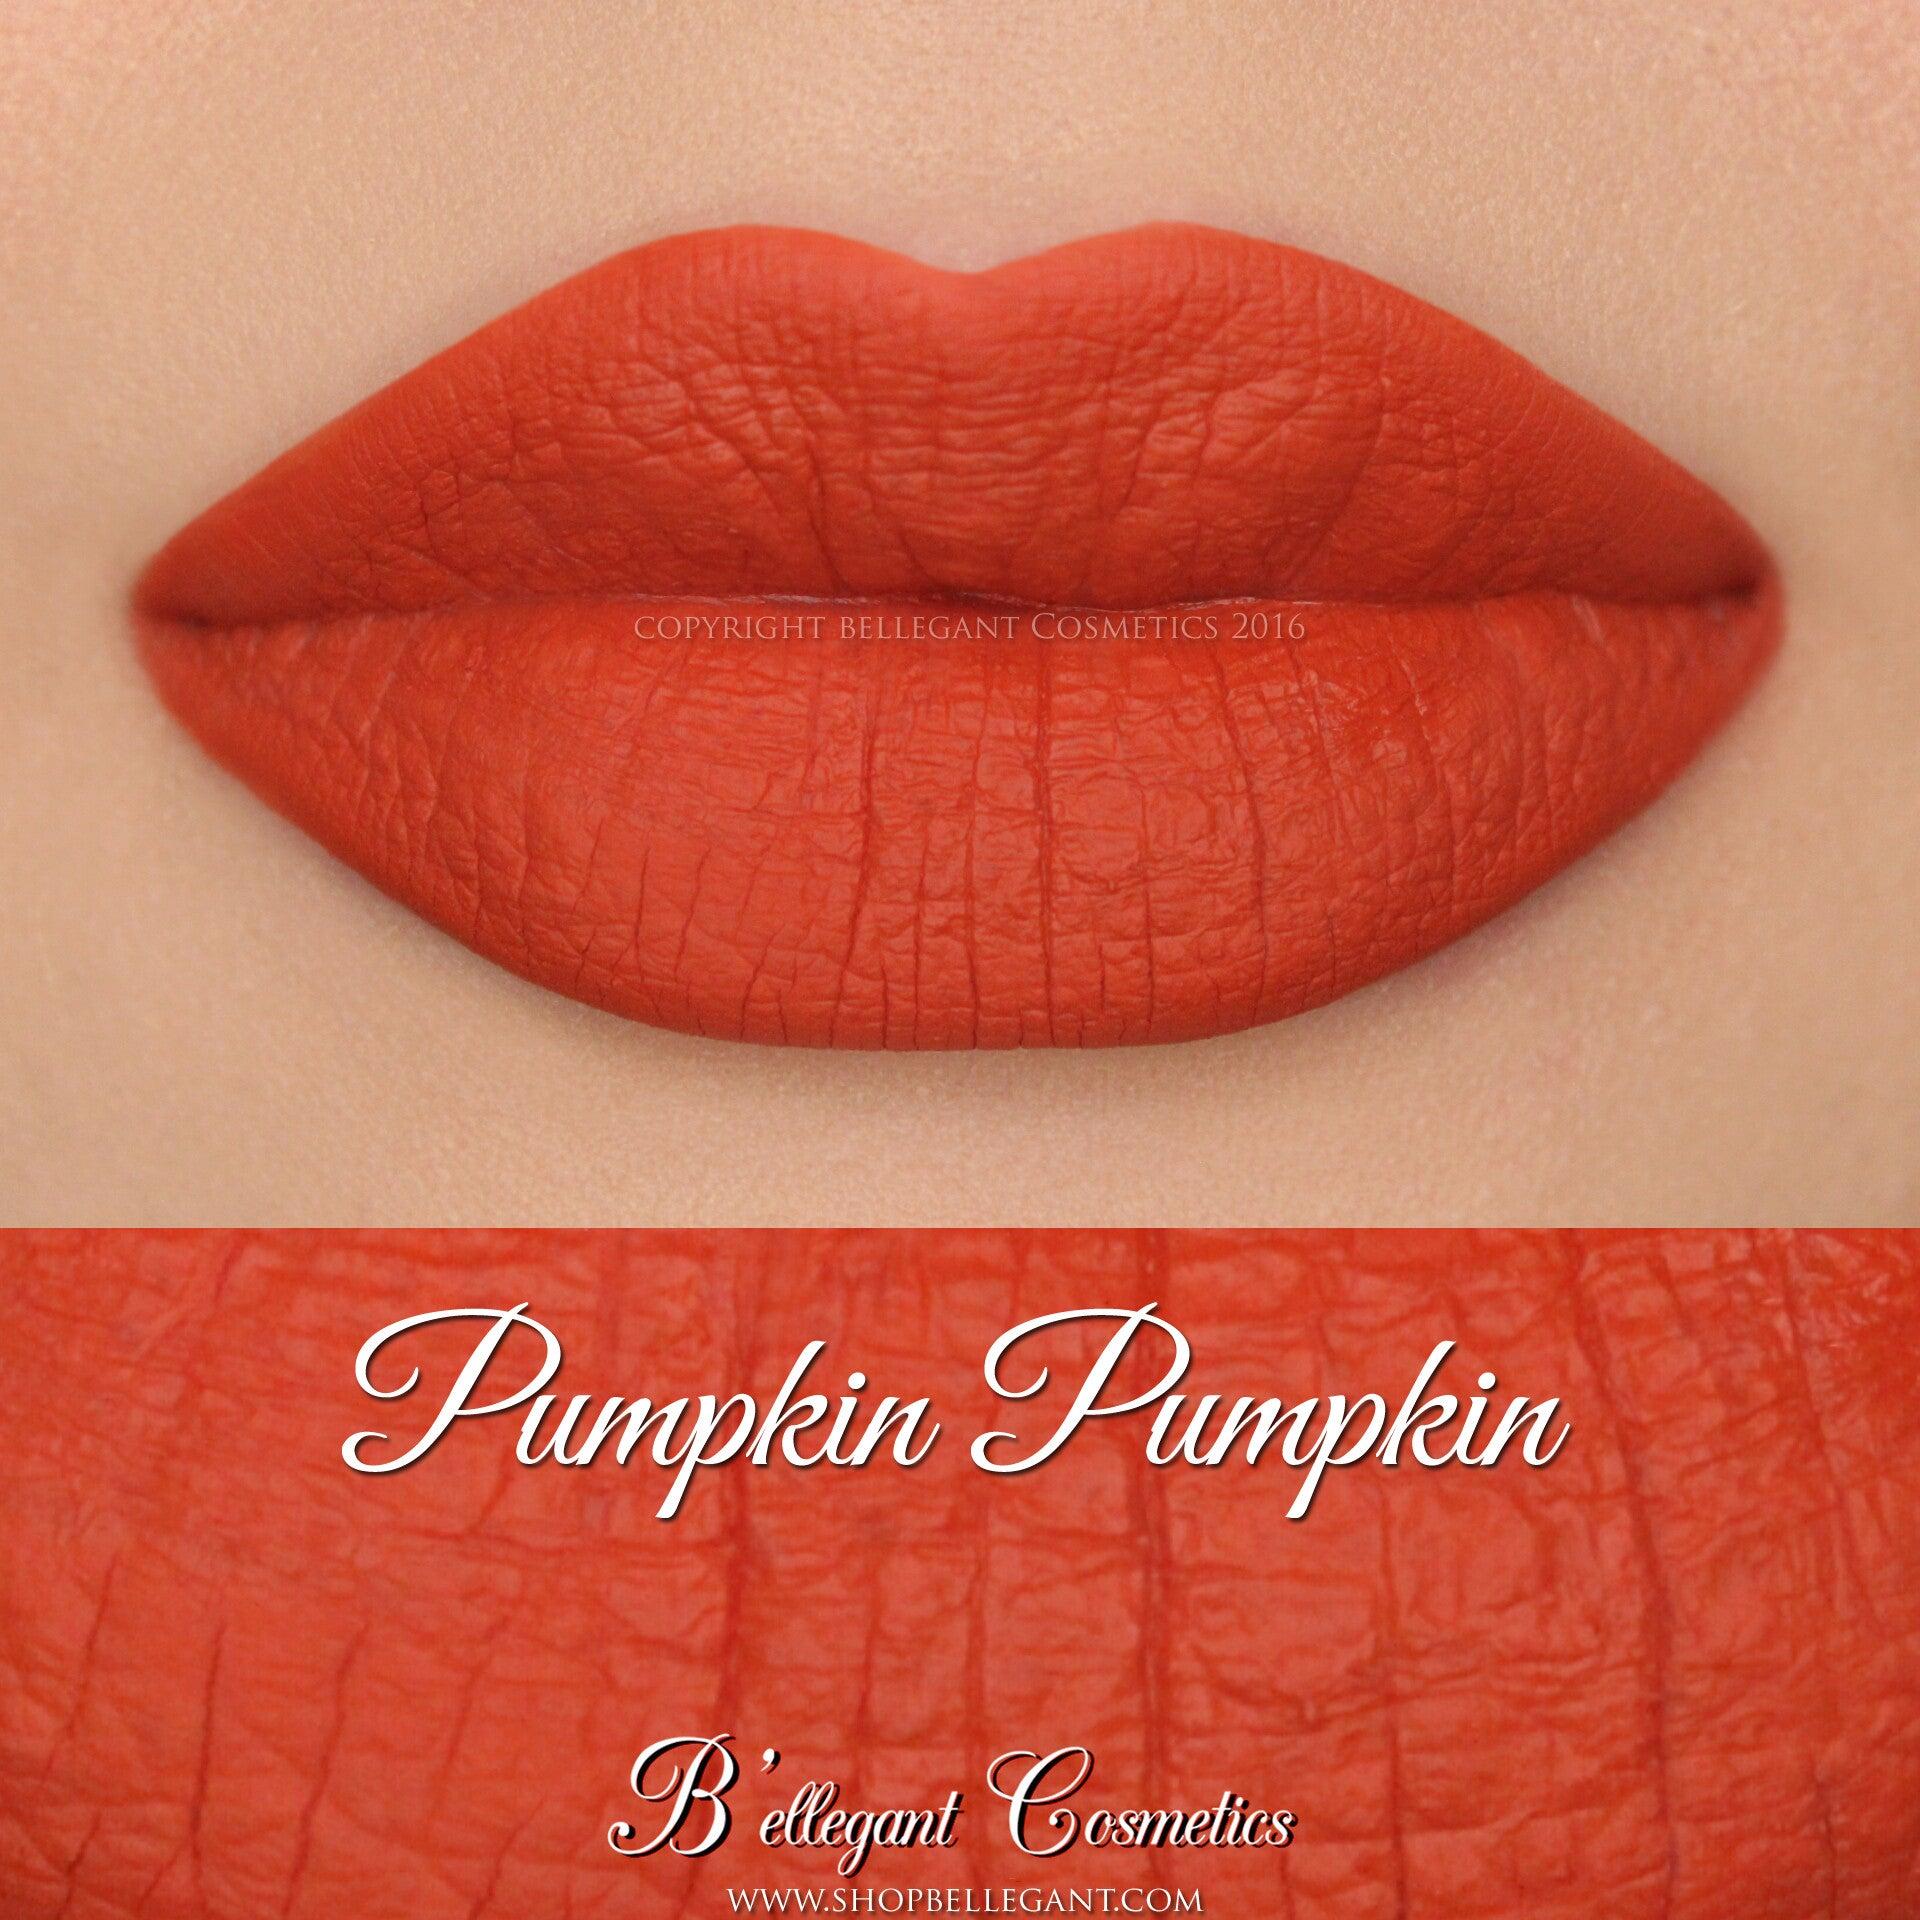 B'ellegant Cosmetics - Pumpkin Pumpkin